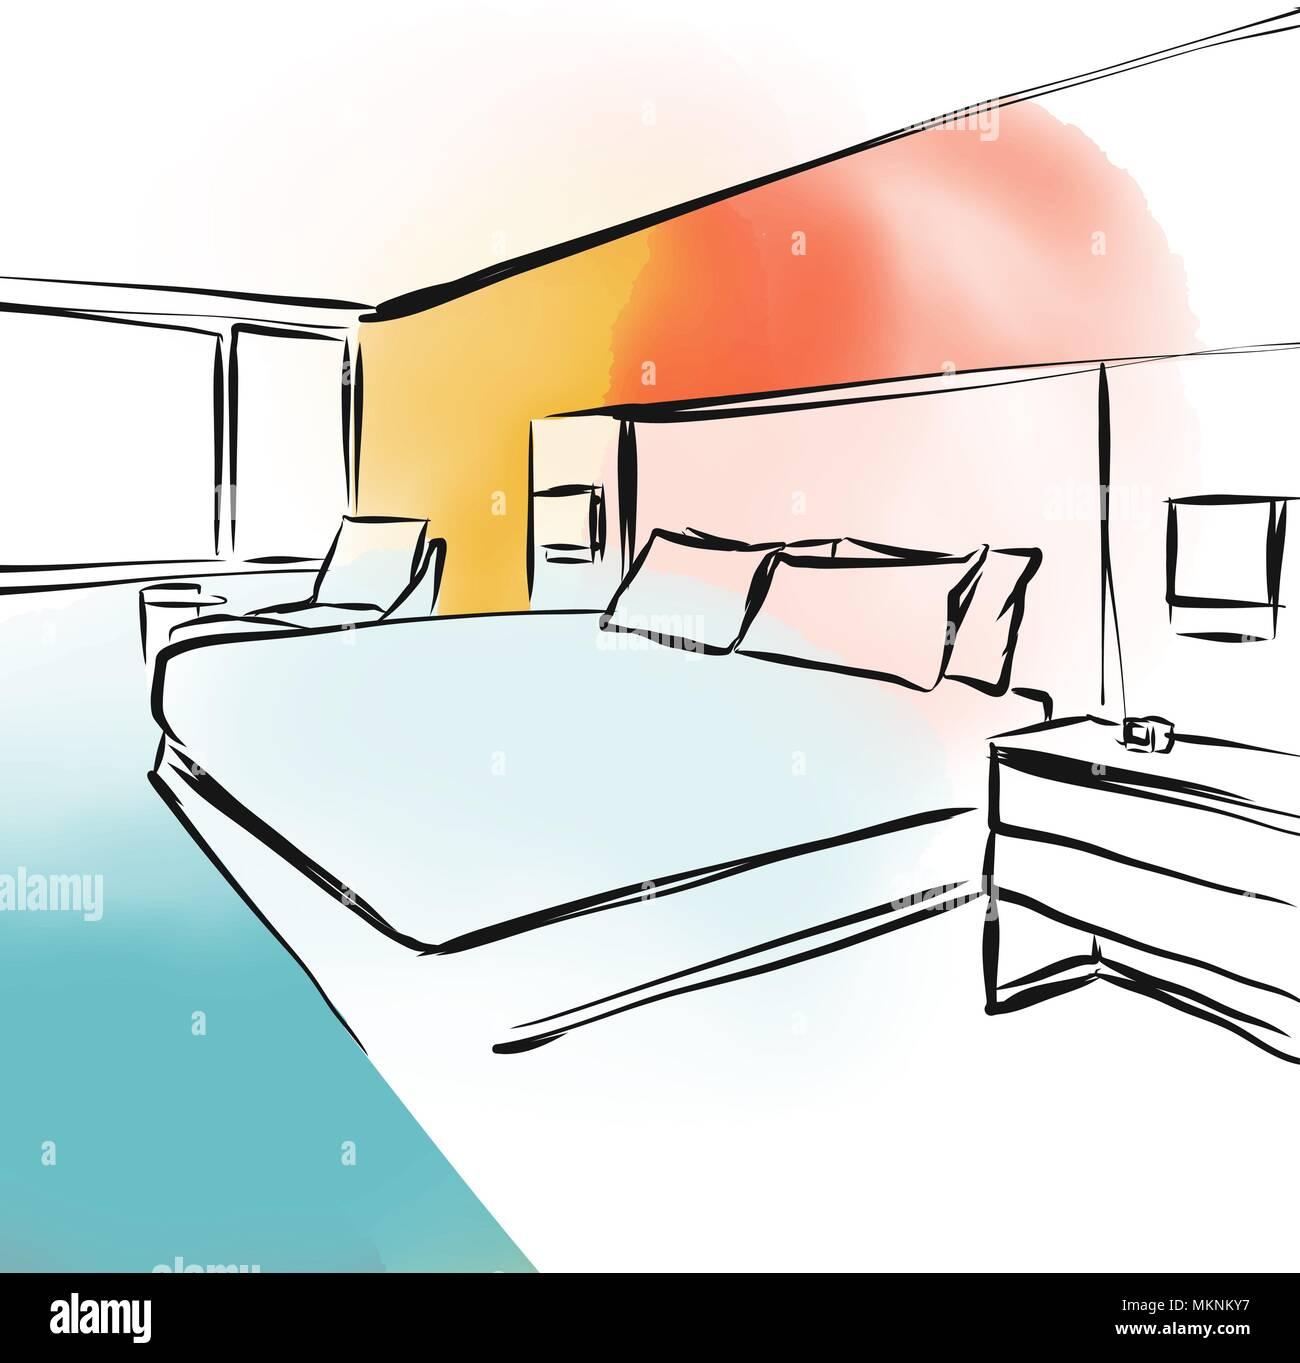 Feng shui Schlafzimmer Konzept Design Skizze, Hand-Vector gezeichnet ...